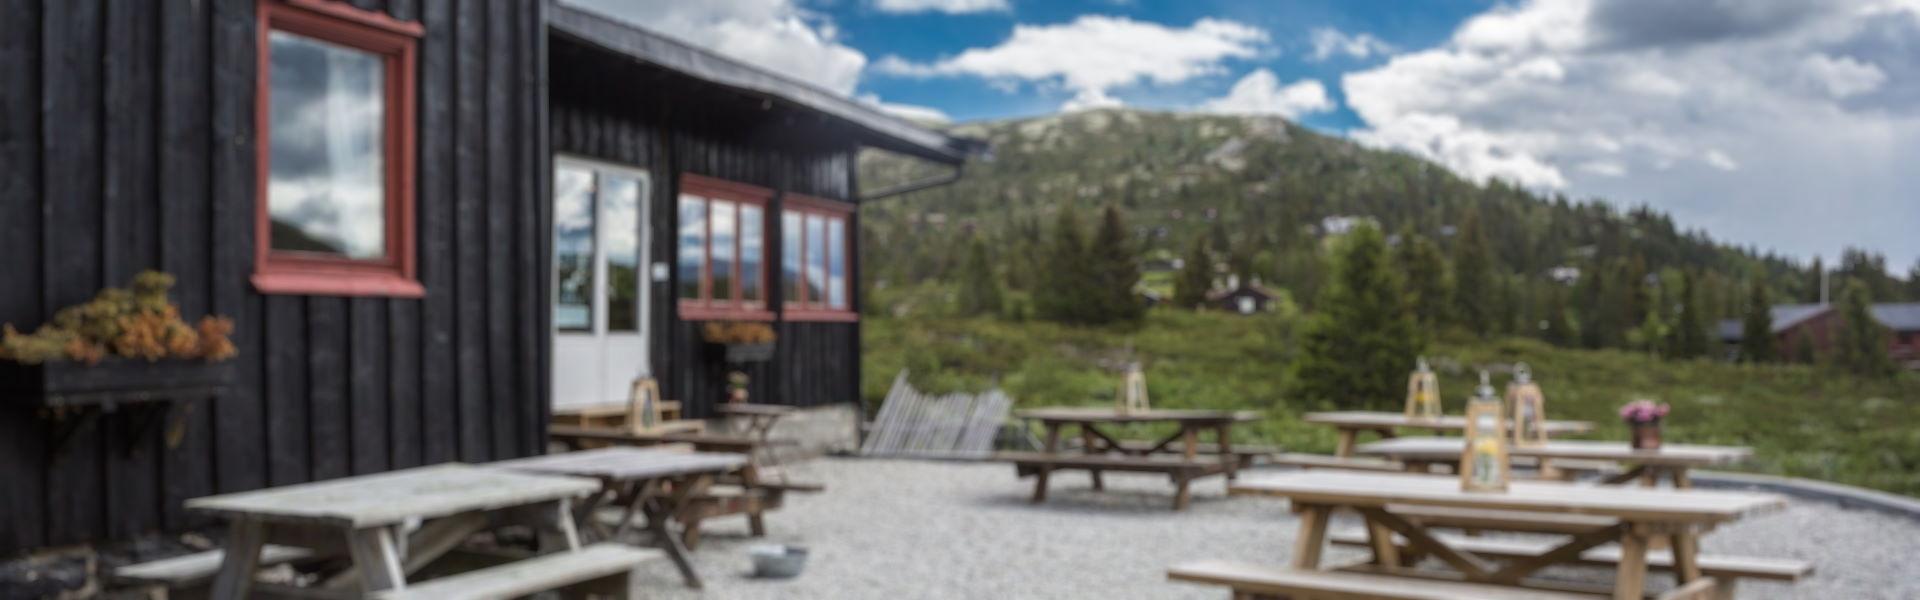 Besøk Rondane Fjellstue denne høsten!